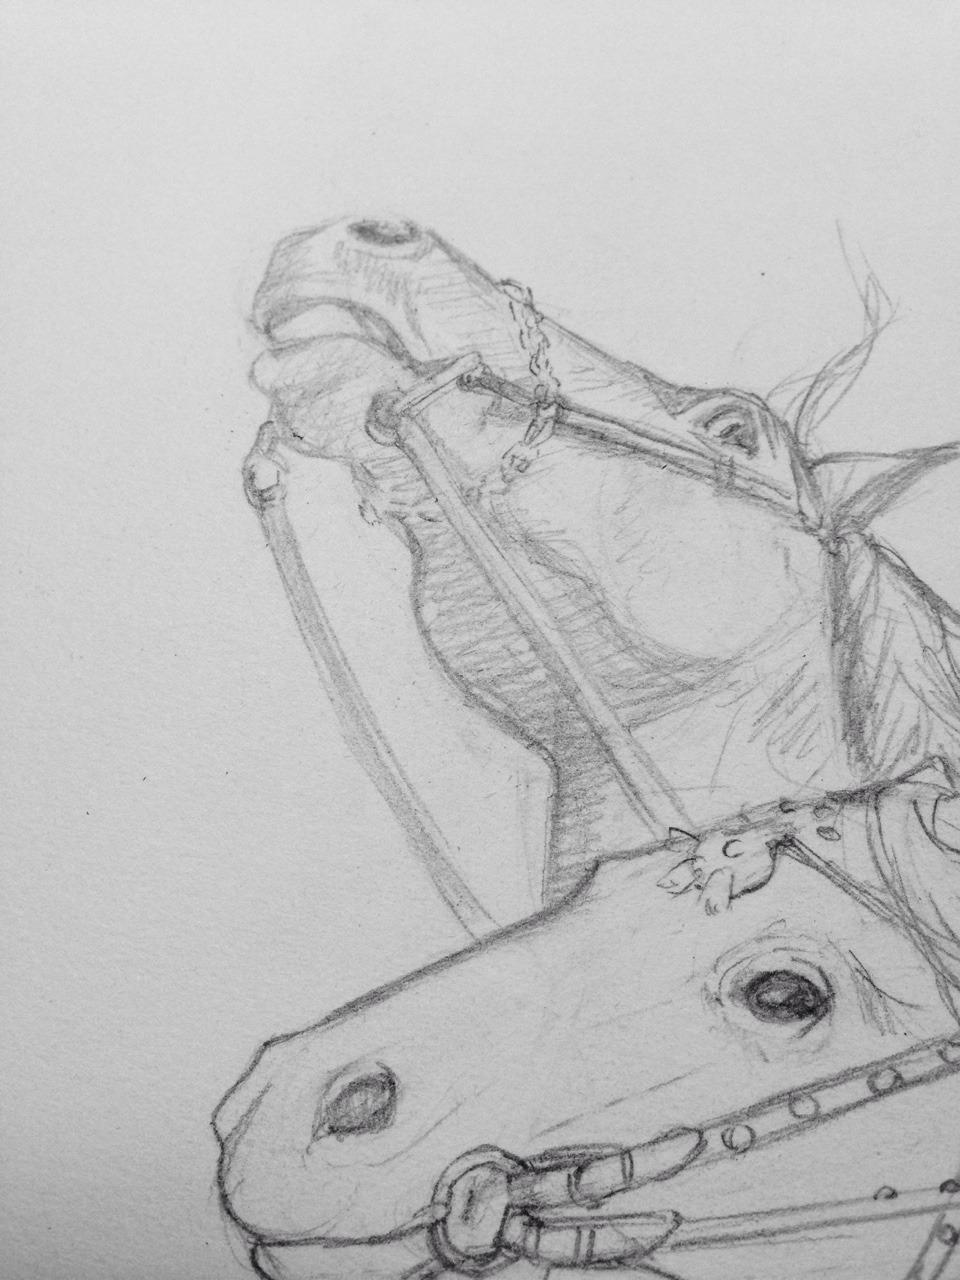 A sneak peek at something new on the drawing table #belindaillustrates #pencildrawing #childrensbookillustration #sneakpeek #horses #lovedrawinghorses #bree  #hwin #thehorseandhisboy #cslewis #narnia #2016